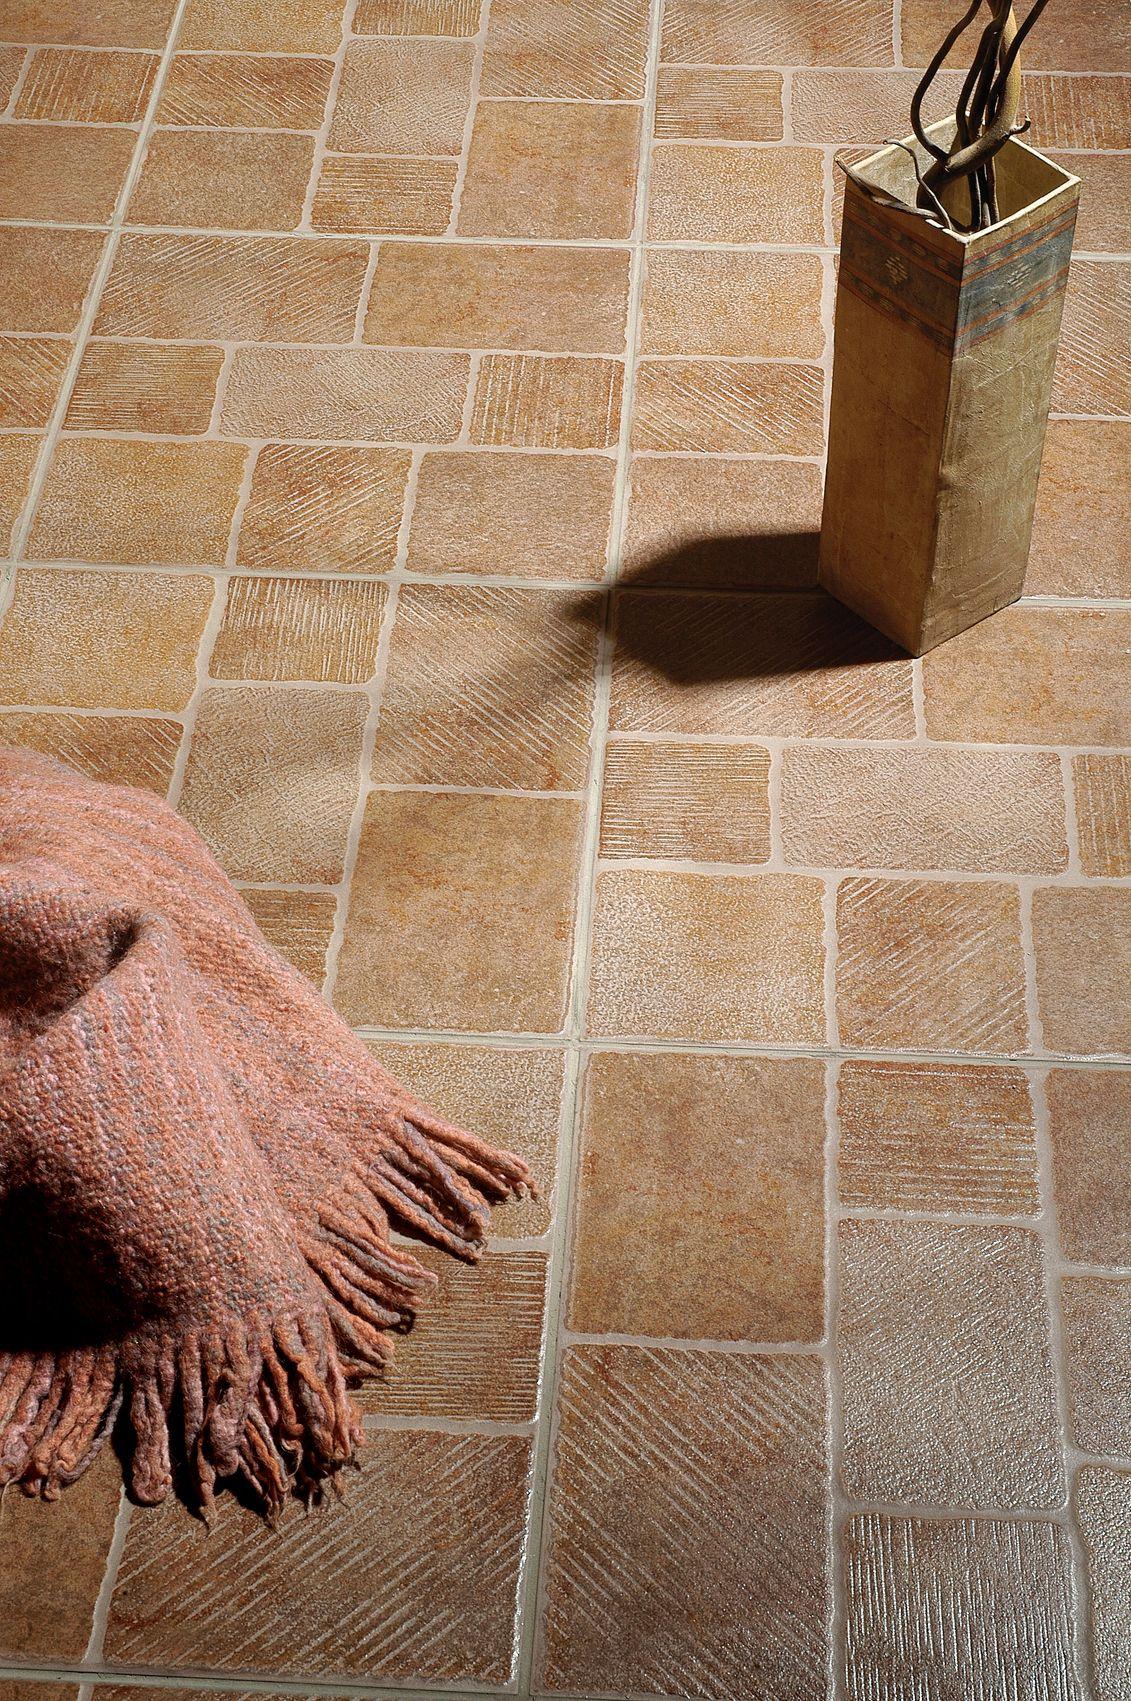 Ceramica San Lorenzo Porcelanatos Pisos Y Revestimientos Ceramicos Porcellanatos Ceramicos Revestimientos Pisos Paredes Pisos Piso Para Cochera Pisos De Terrazas